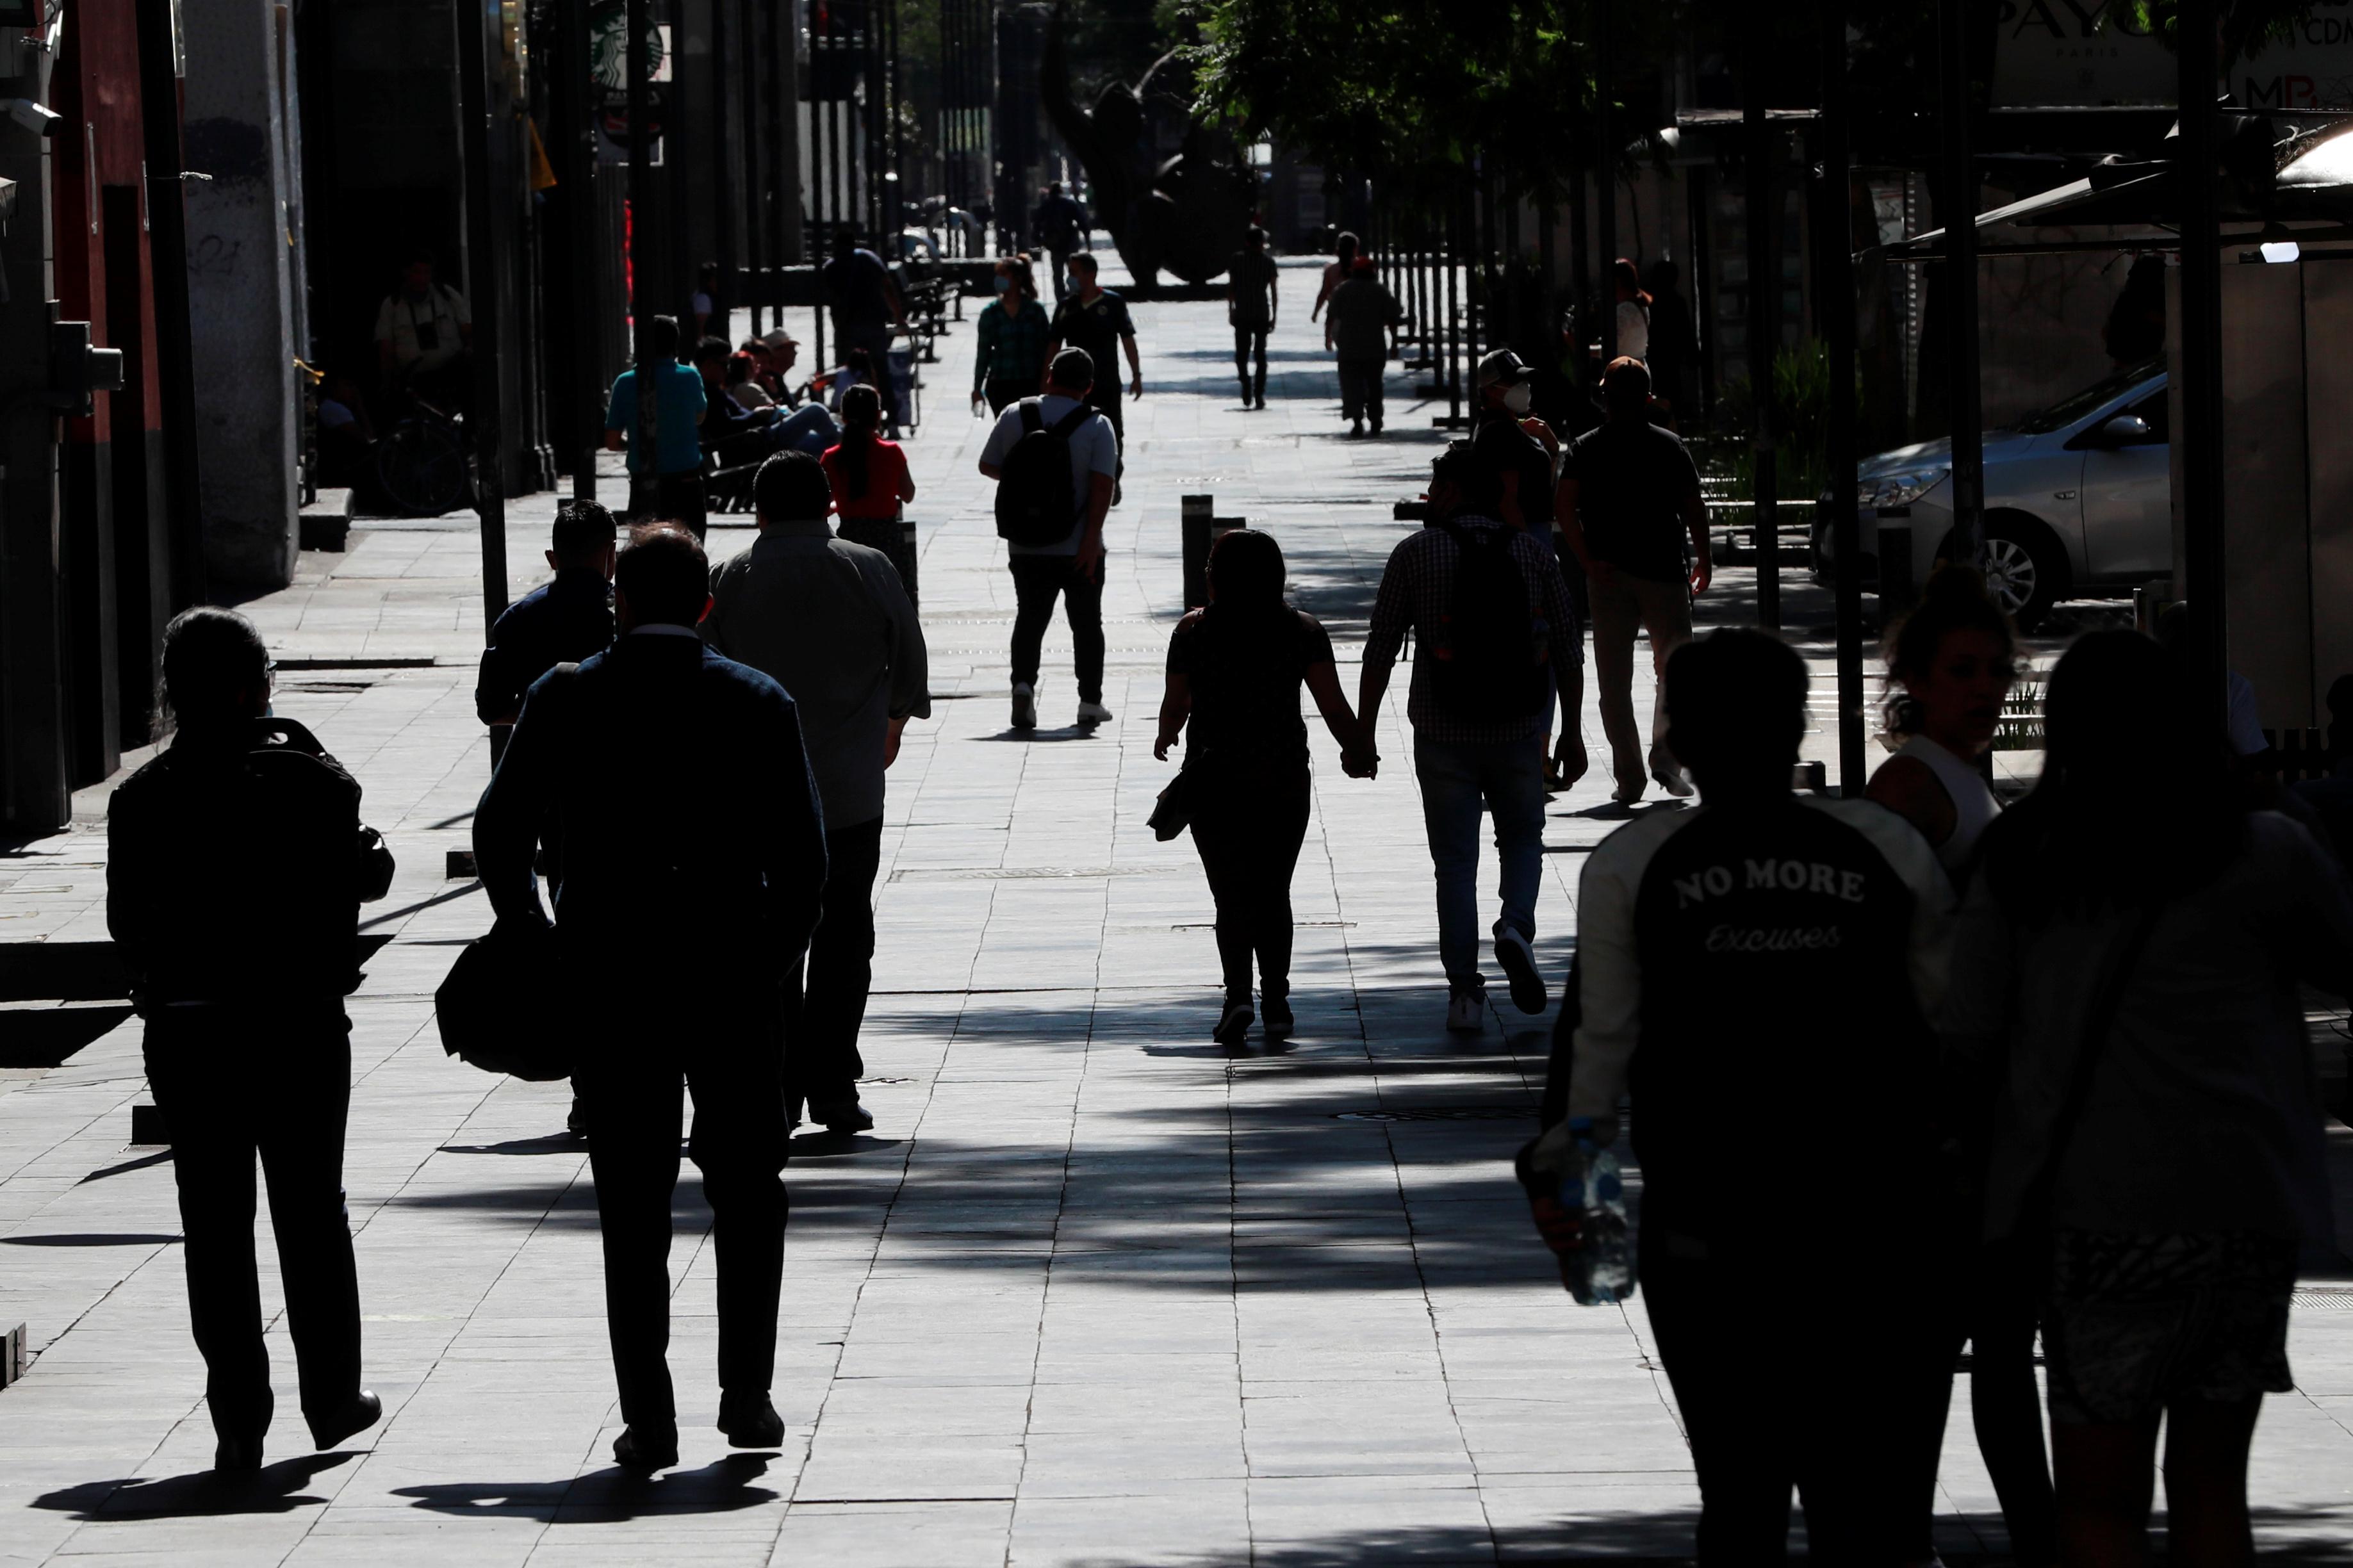 La gente camina en la calle mientras el brote de la enfermedad por coronavirus (COVID-19) continúa en la Ciudad de México, México, 14 de junio de 2020. Foto: Reuters.